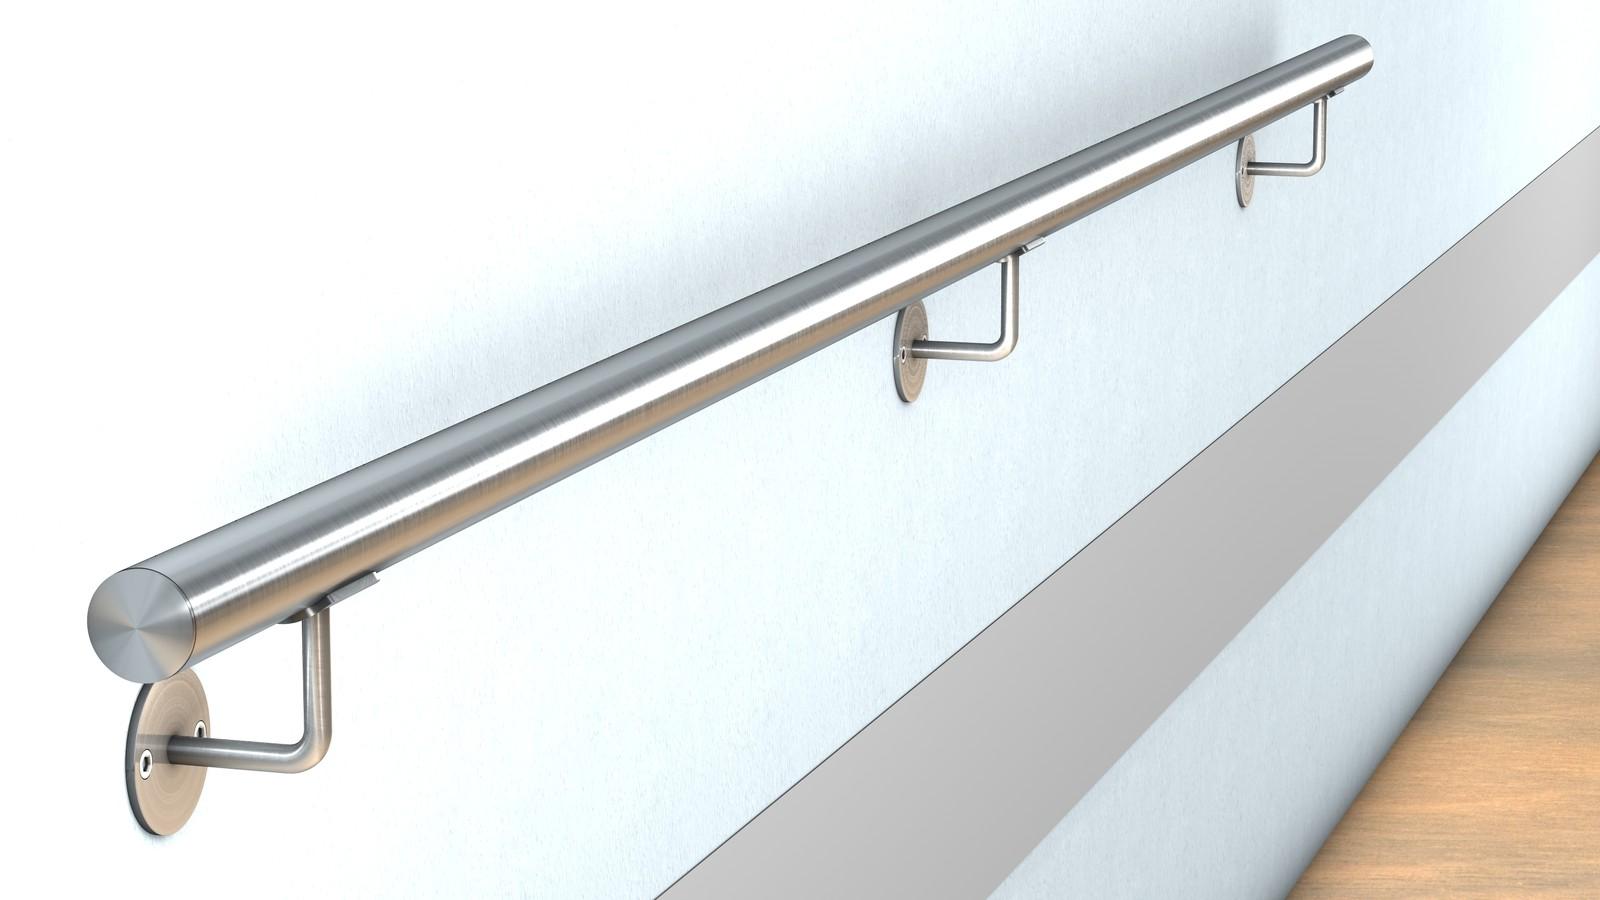 edelstahl wand handlauf befestigung mit verdeckter verschraubung f r 47 00 bestellen huero. Black Bedroom Furniture Sets. Home Design Ideas